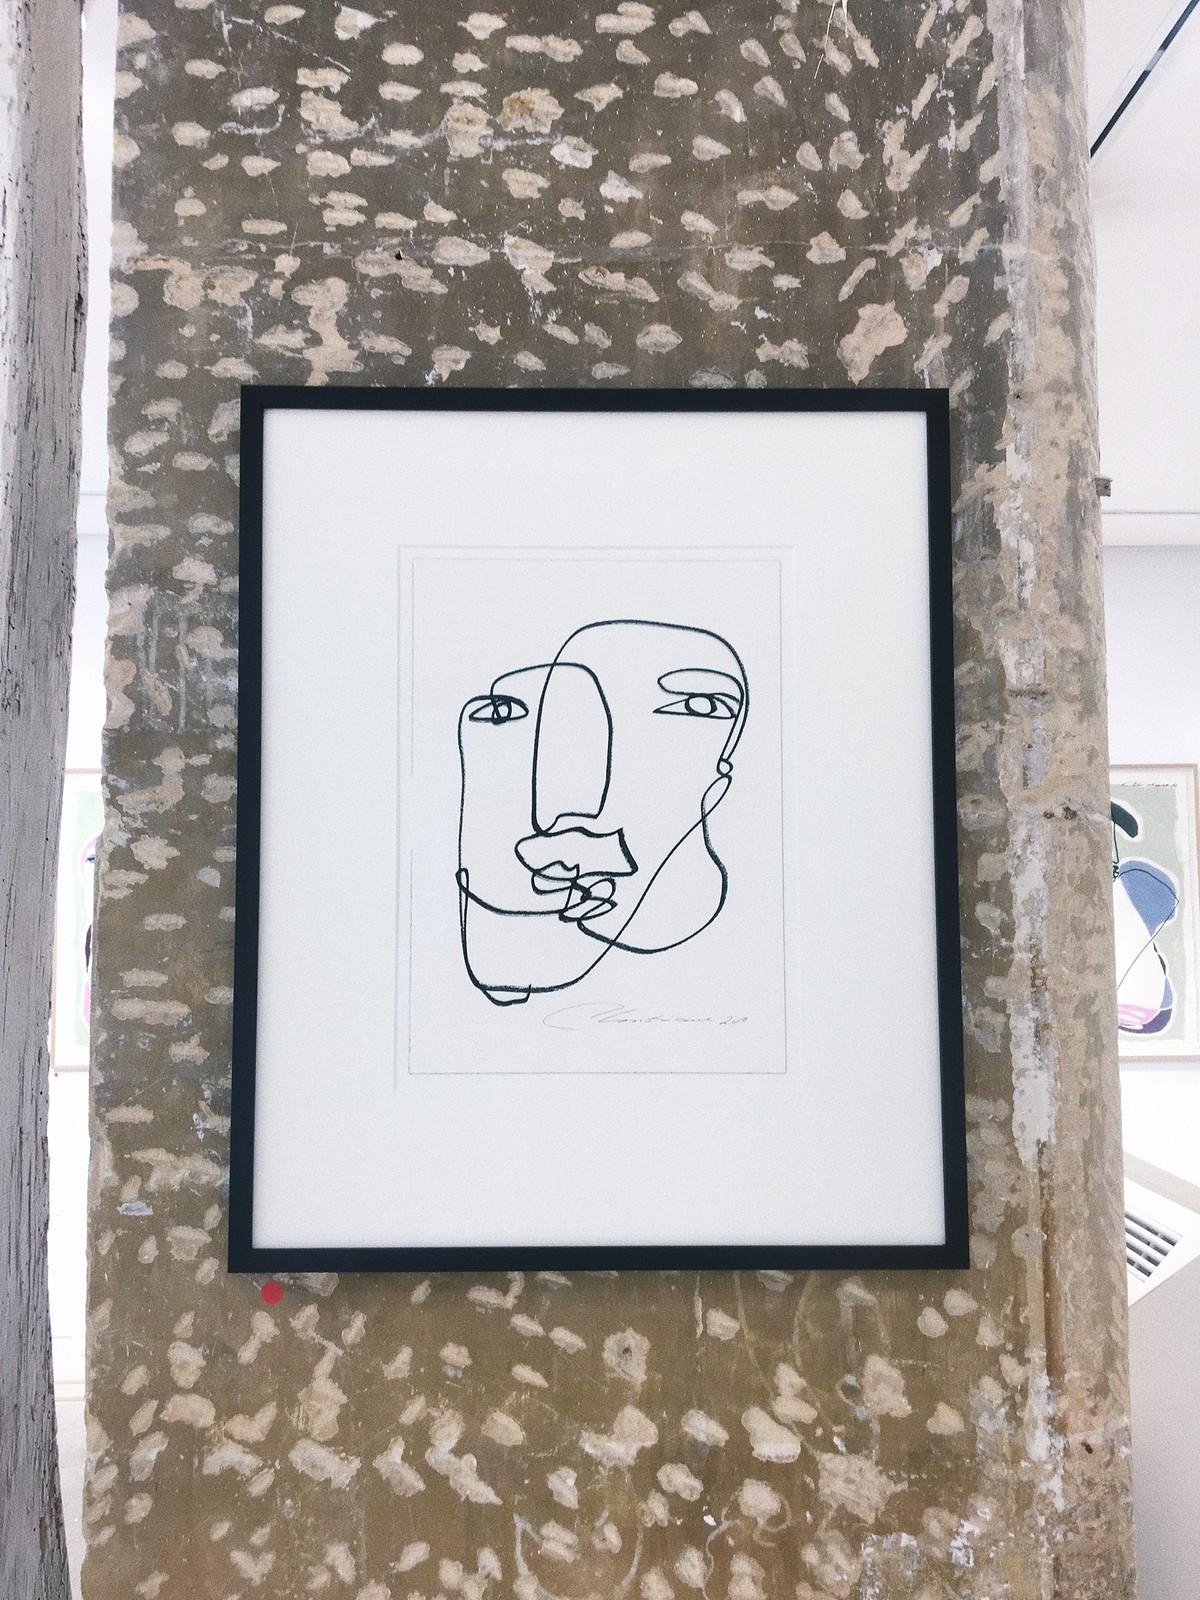 téva sartori exposition Christiane Spangsberg 5